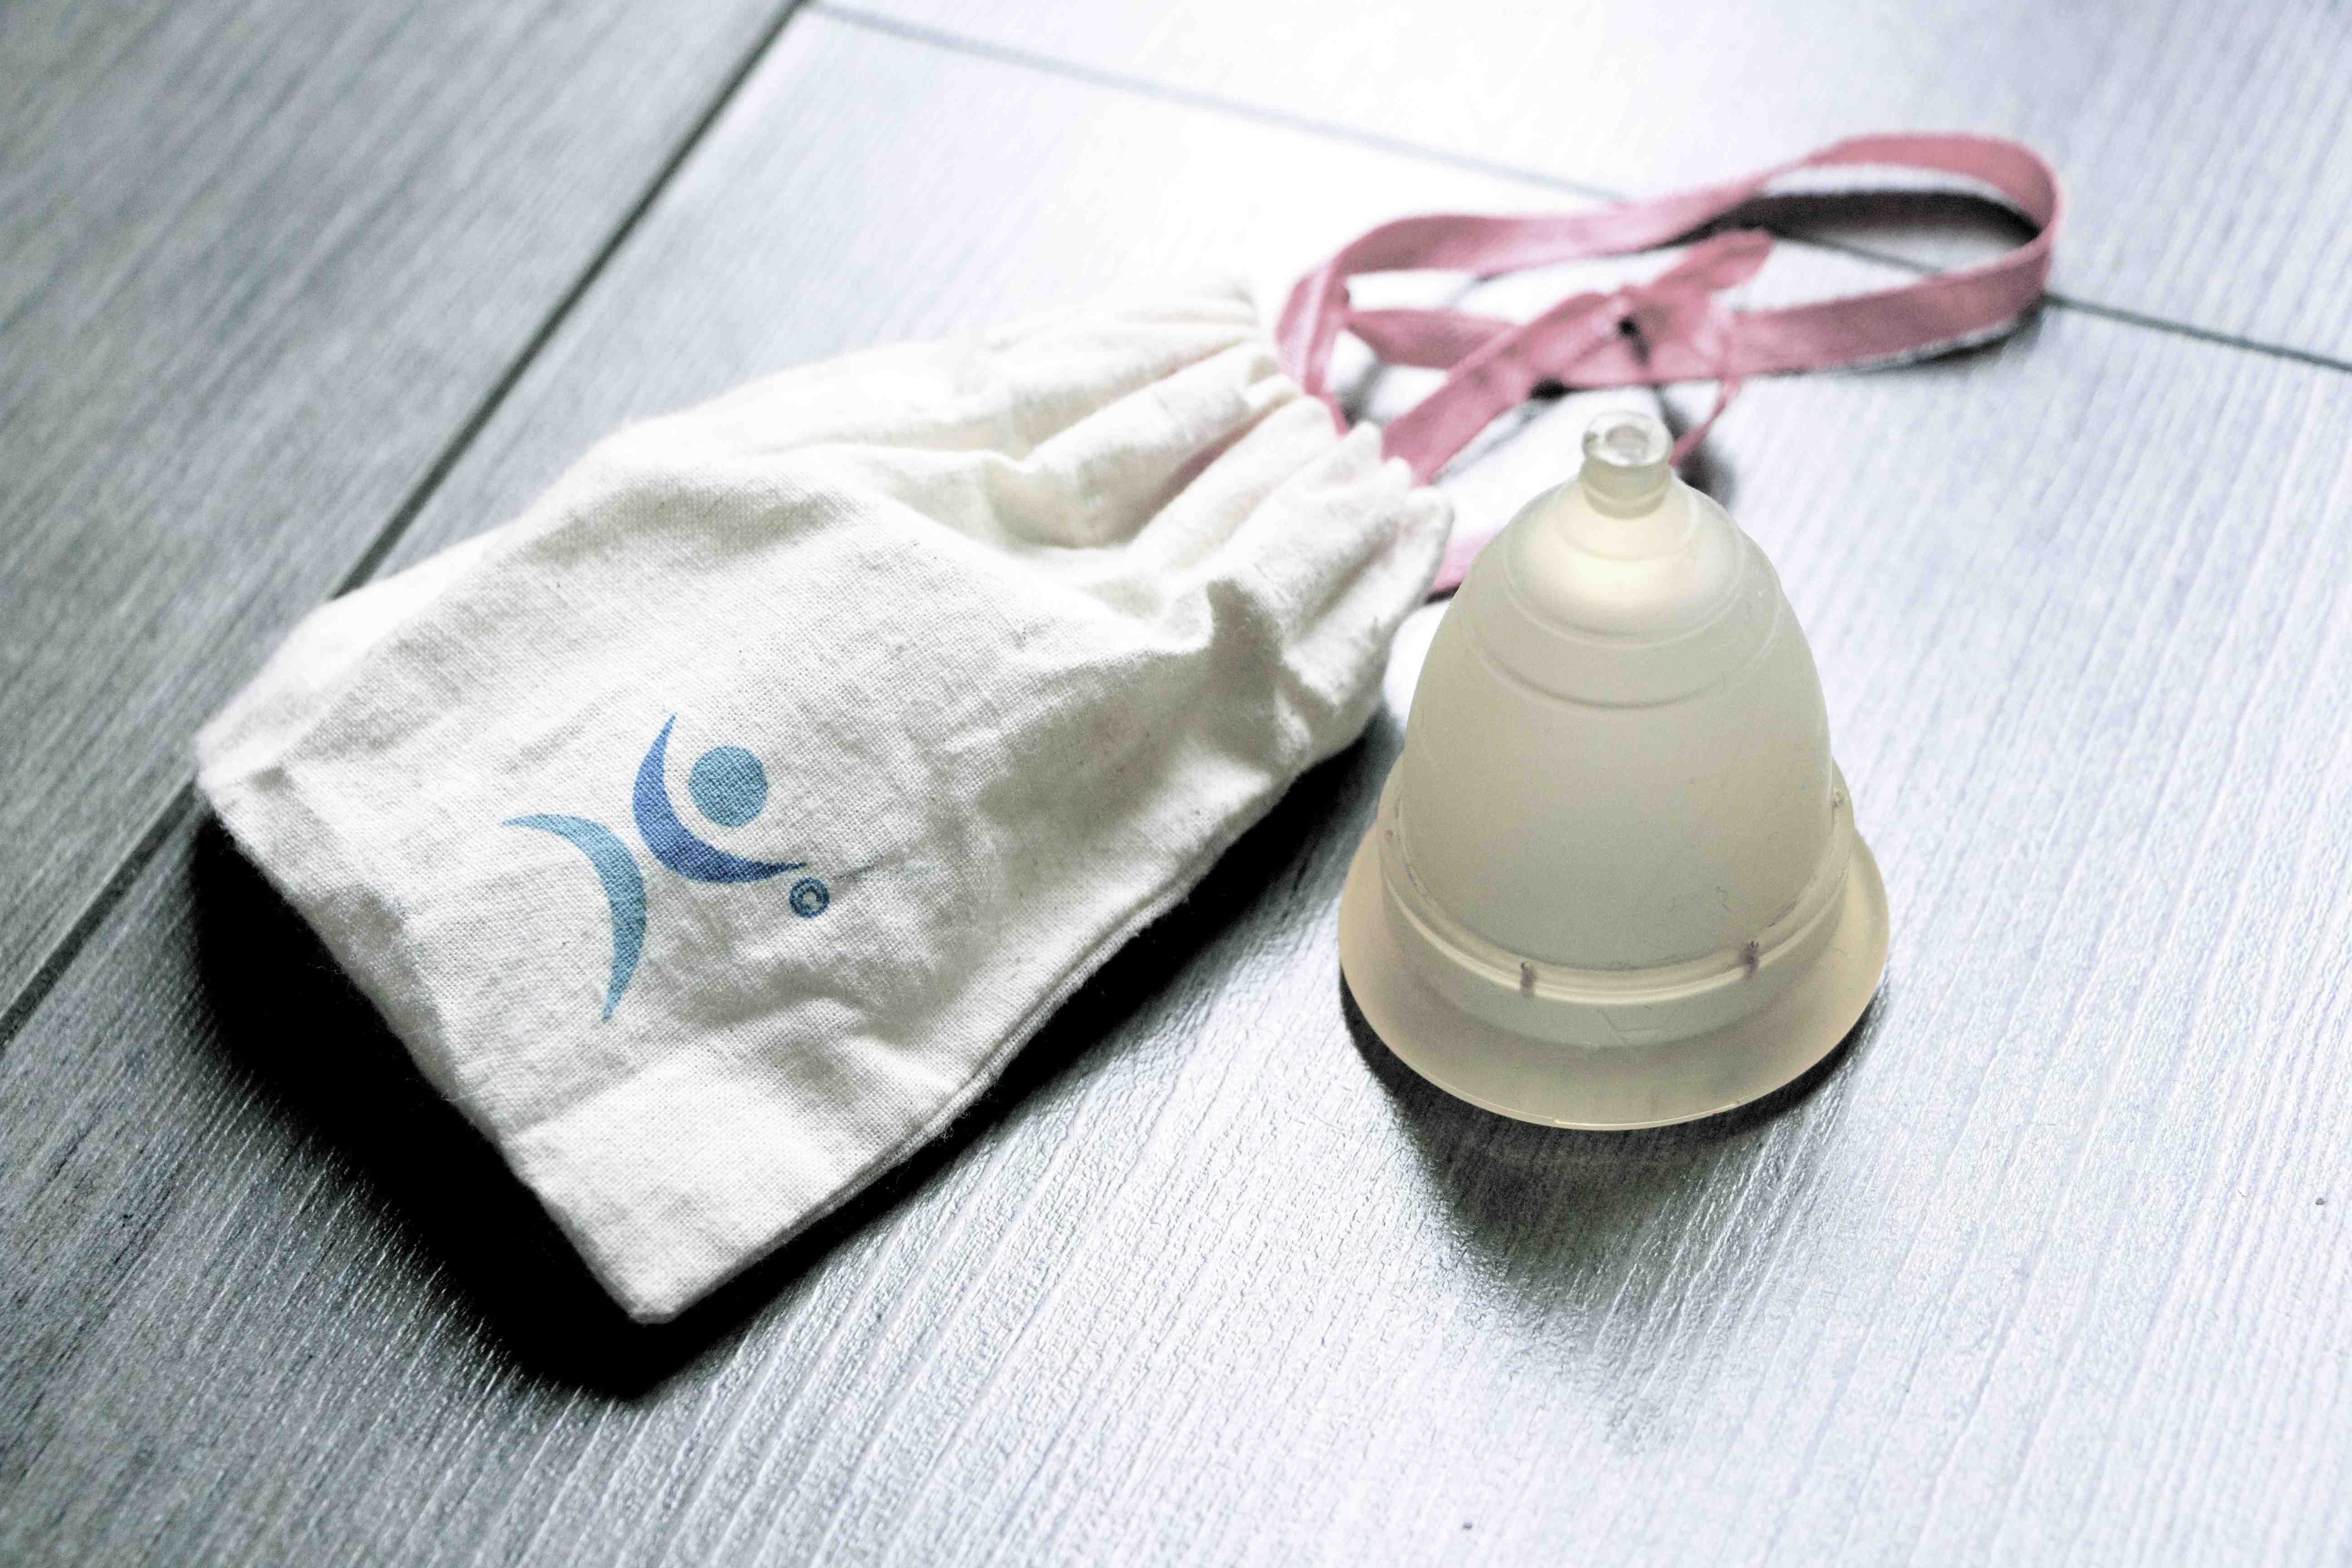 La coupe menstruelle une r volution monagrom - Coupe menstruelle mooncup ...